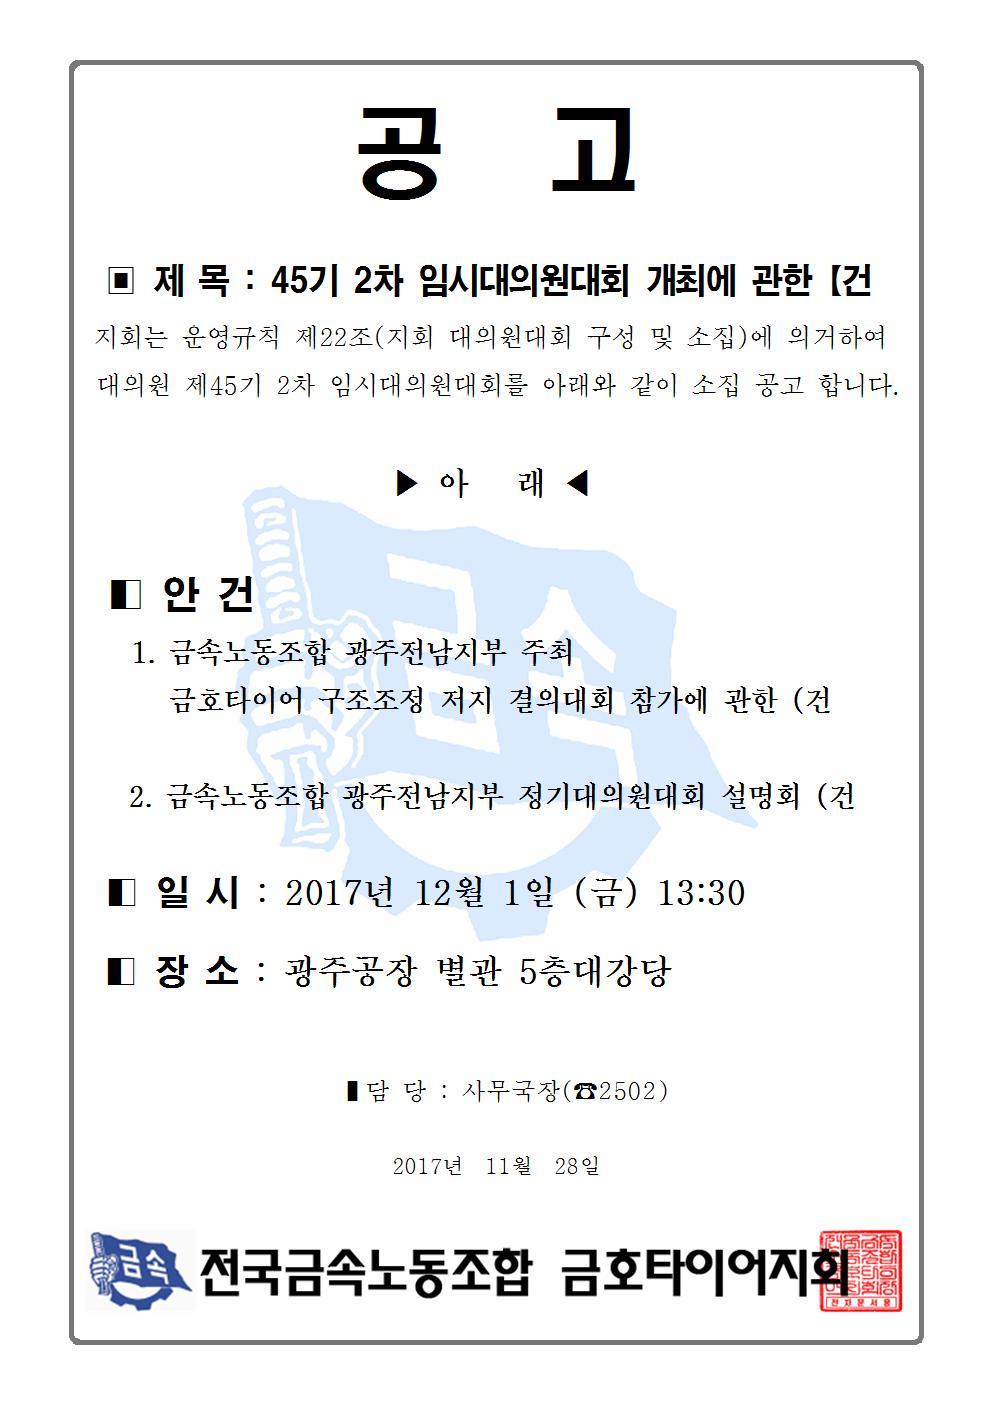 45기 2차 임시대의원대회 소집 공고001.jpg